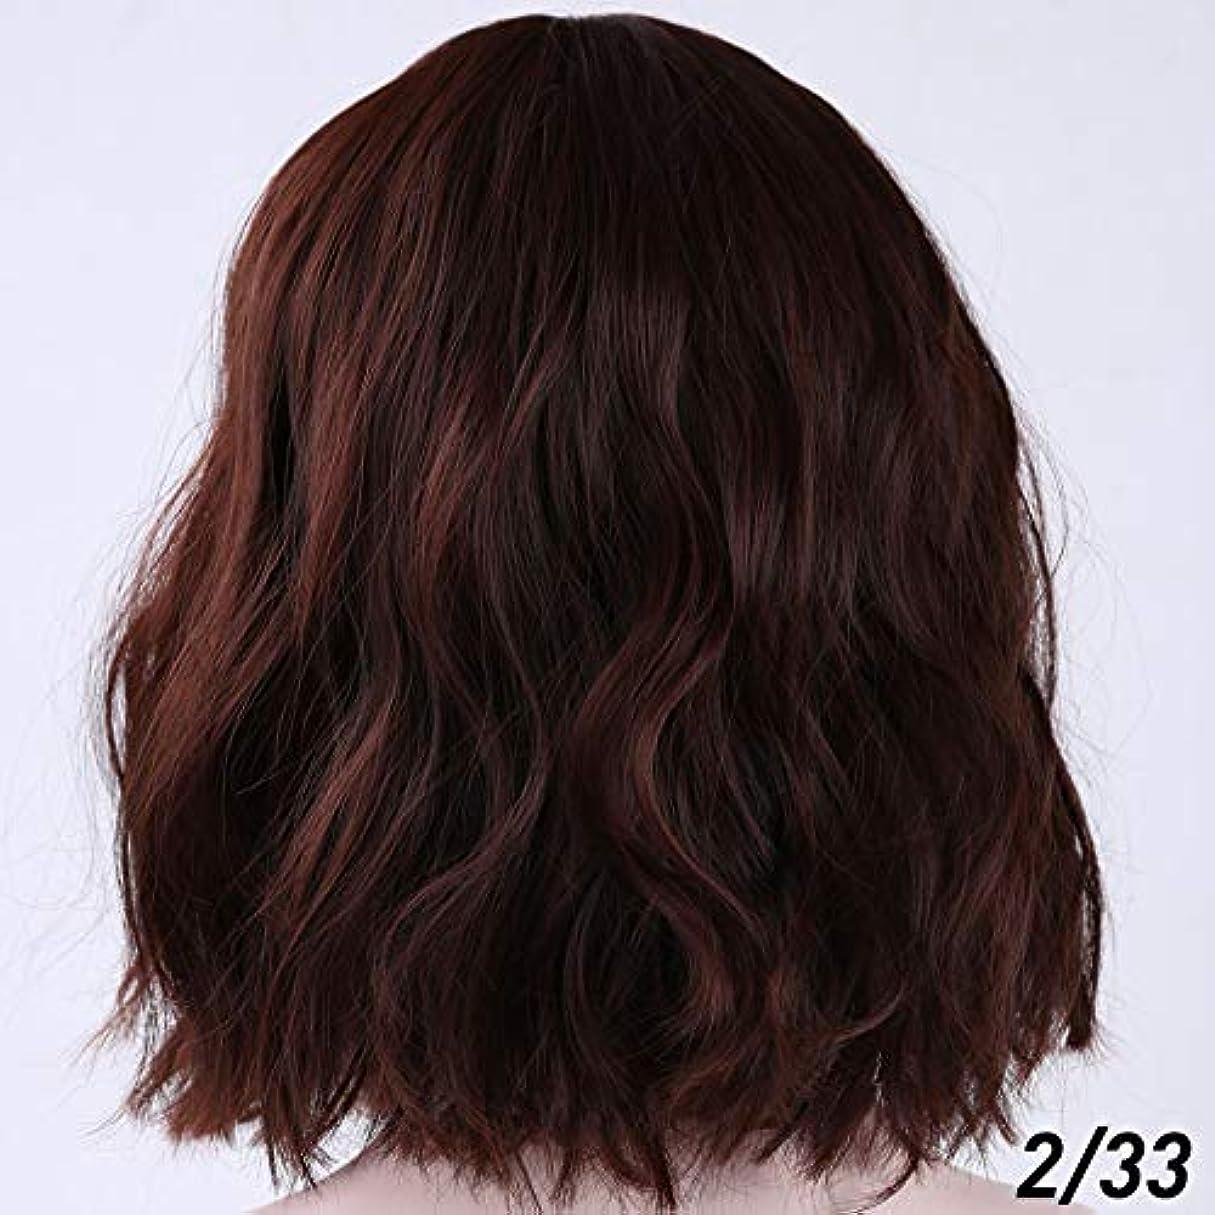 売上高反対した葉女性の好きなウィッグ 前髪ウィッグ耐熱SHANGKEと黒人女性のアフリカ系アメリカ人の髪紫かつらのためのショート波状の合成ウィッグ (Color : 2I33, Stretched Length : 14inches)